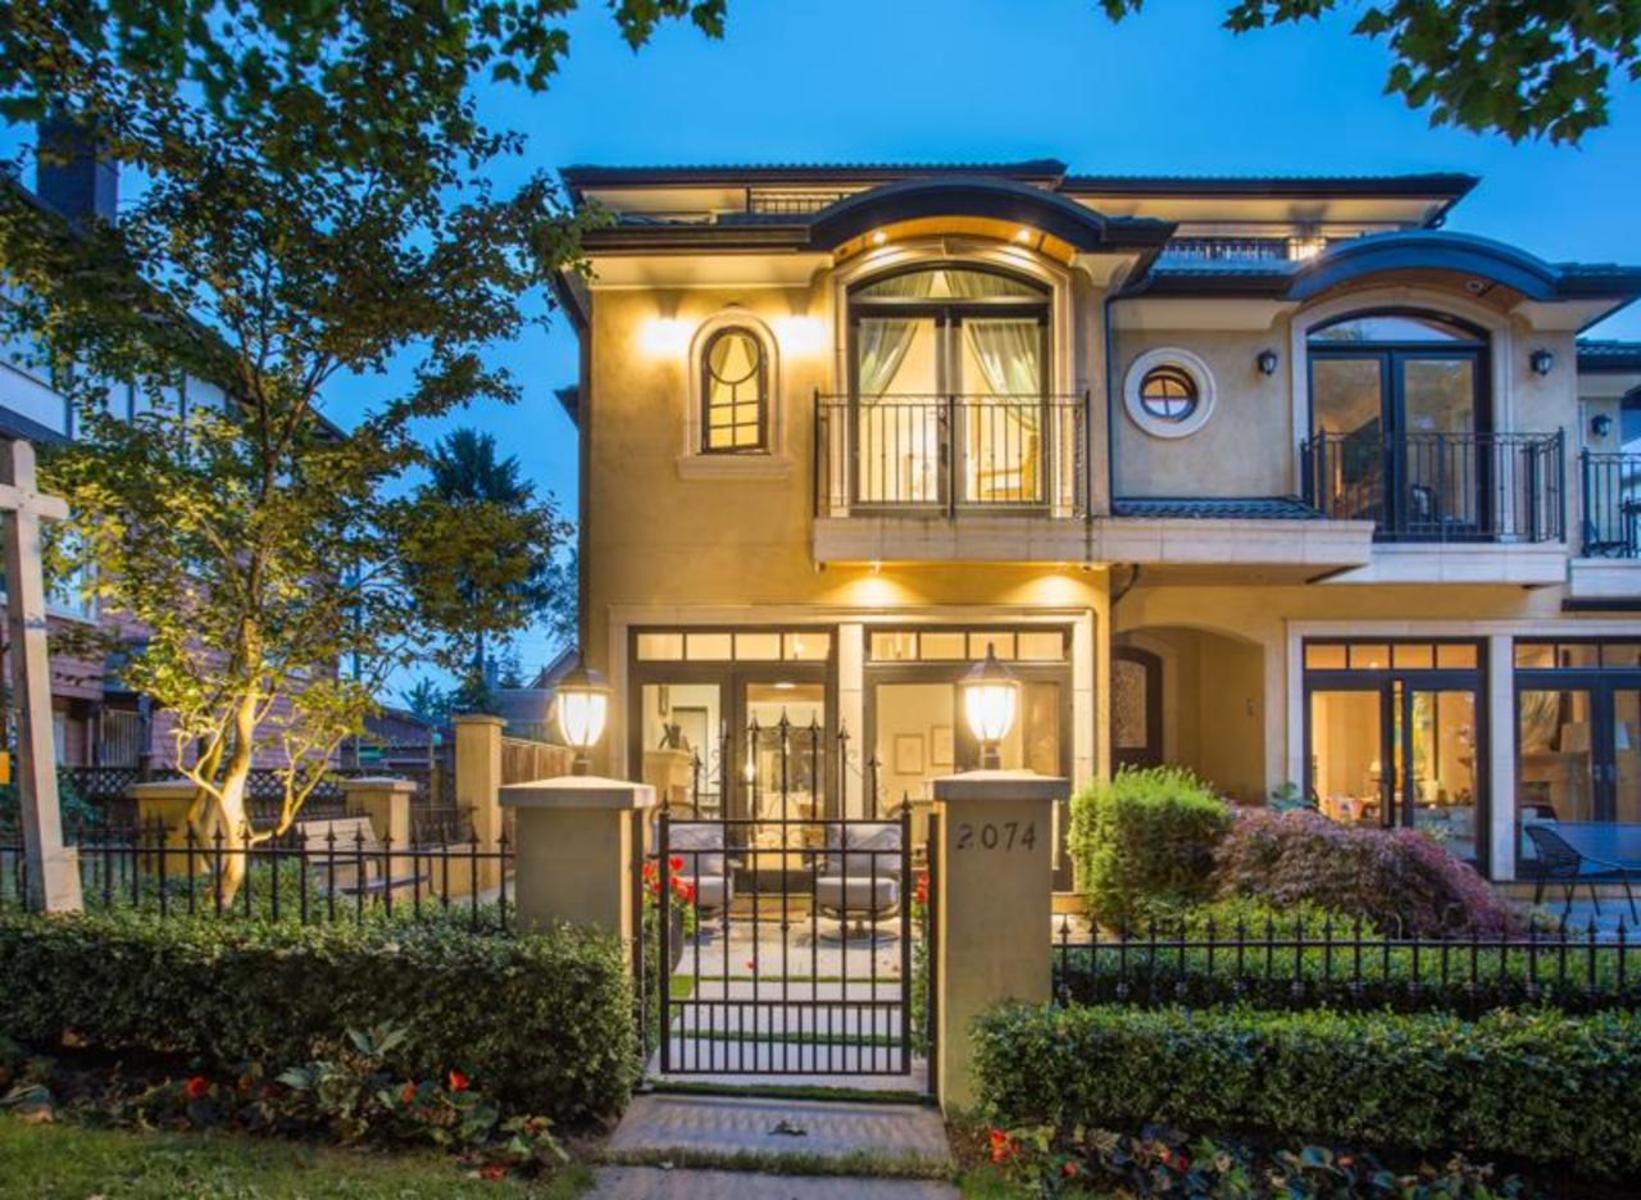 2074-mcnicoll-avenue-kitsilano-vancouver-west-01 at 2074 Mcnicoll Avenue, Kitsilano, Vancouver West